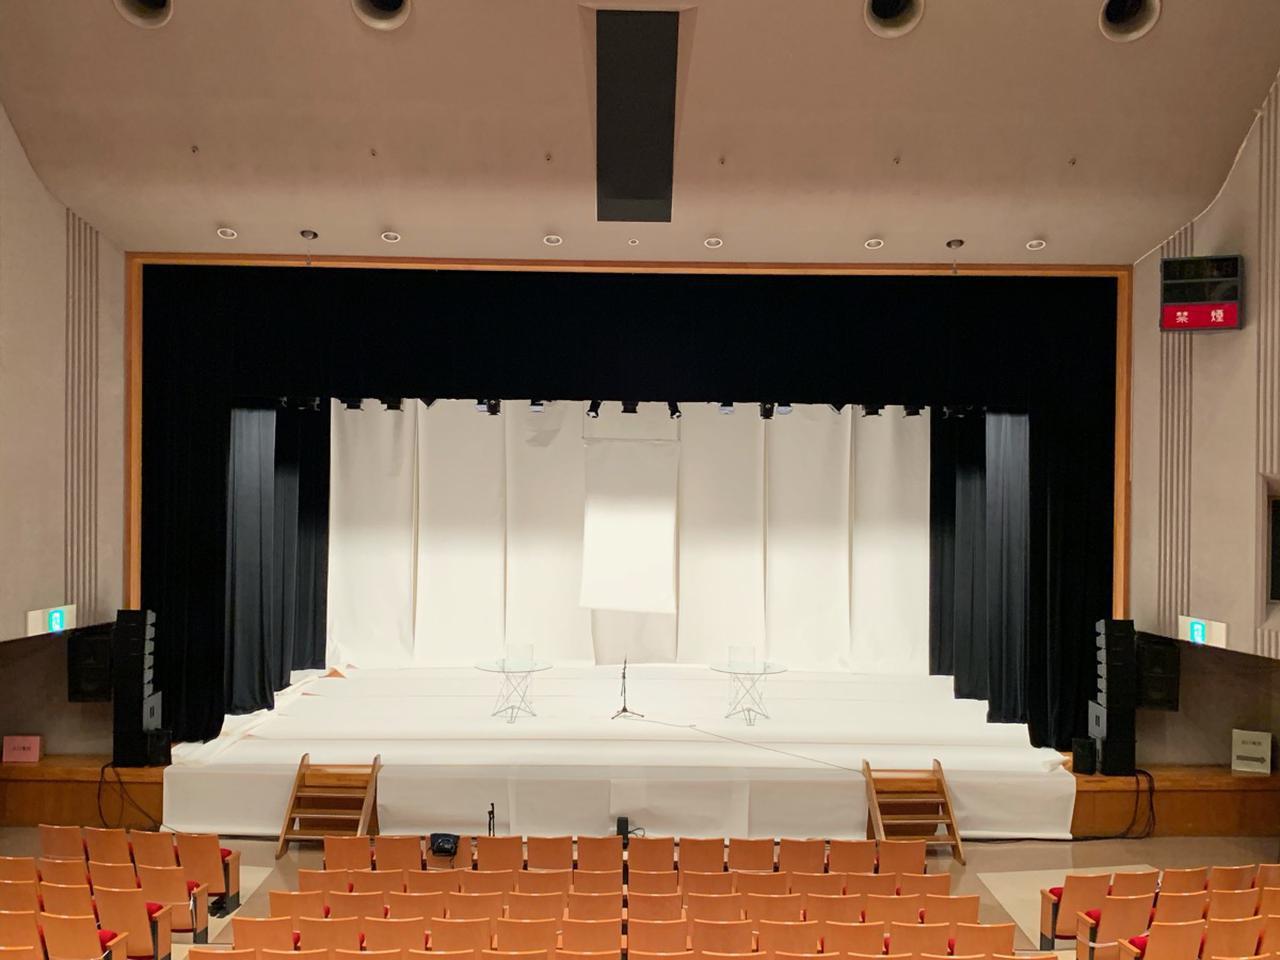 画像: LR7 システムデビューの場となった朗読劇の現場。500人くらいの少し大きめの会場だったため、6/2対向の構成で使用された